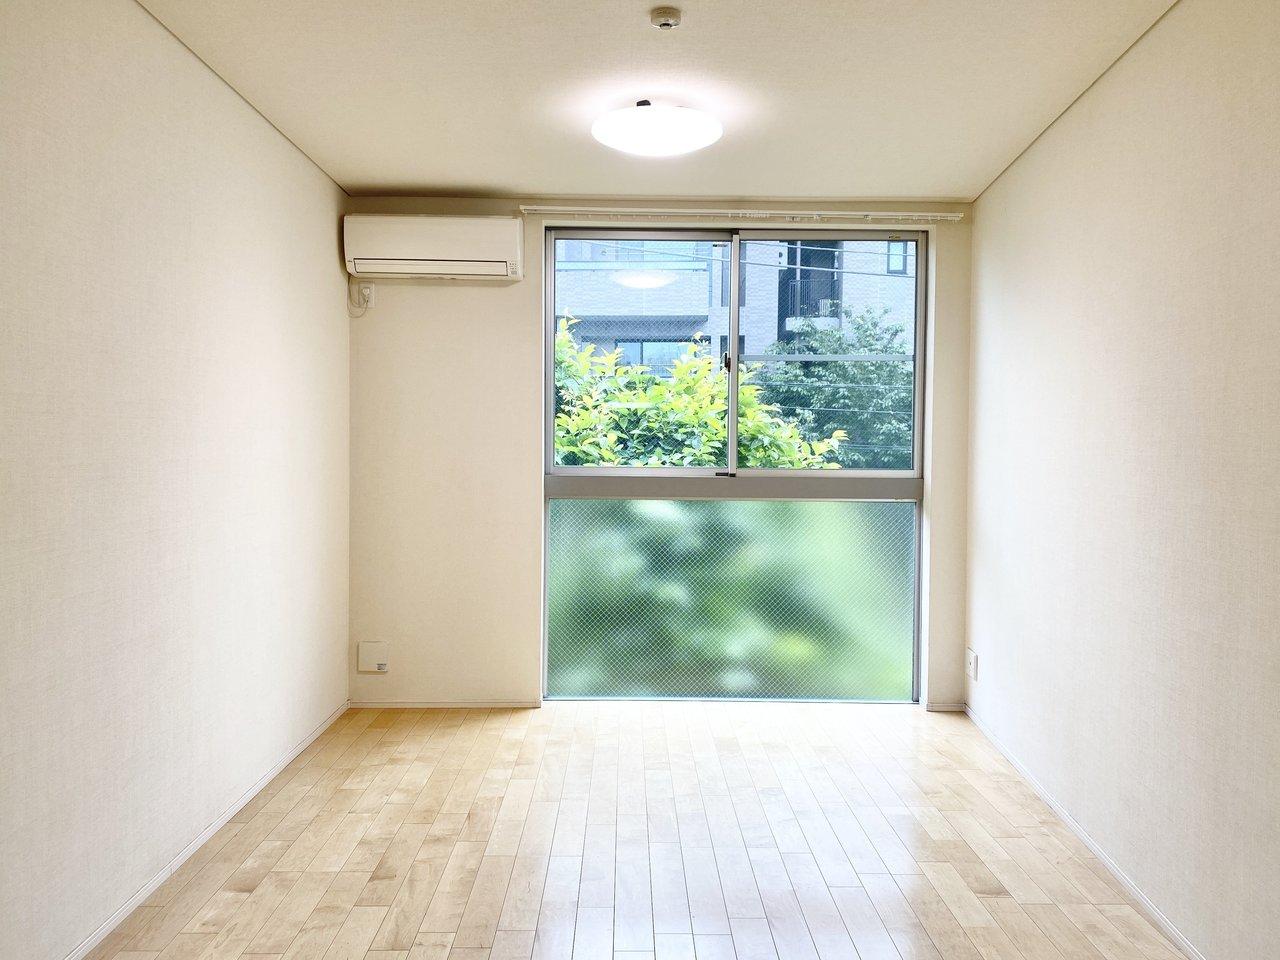 さて、三鷹のおすすめ物件はこちらの1LDKのお部屋。2階がリビング、3階が寝室、とメゾネットタイプになっています。